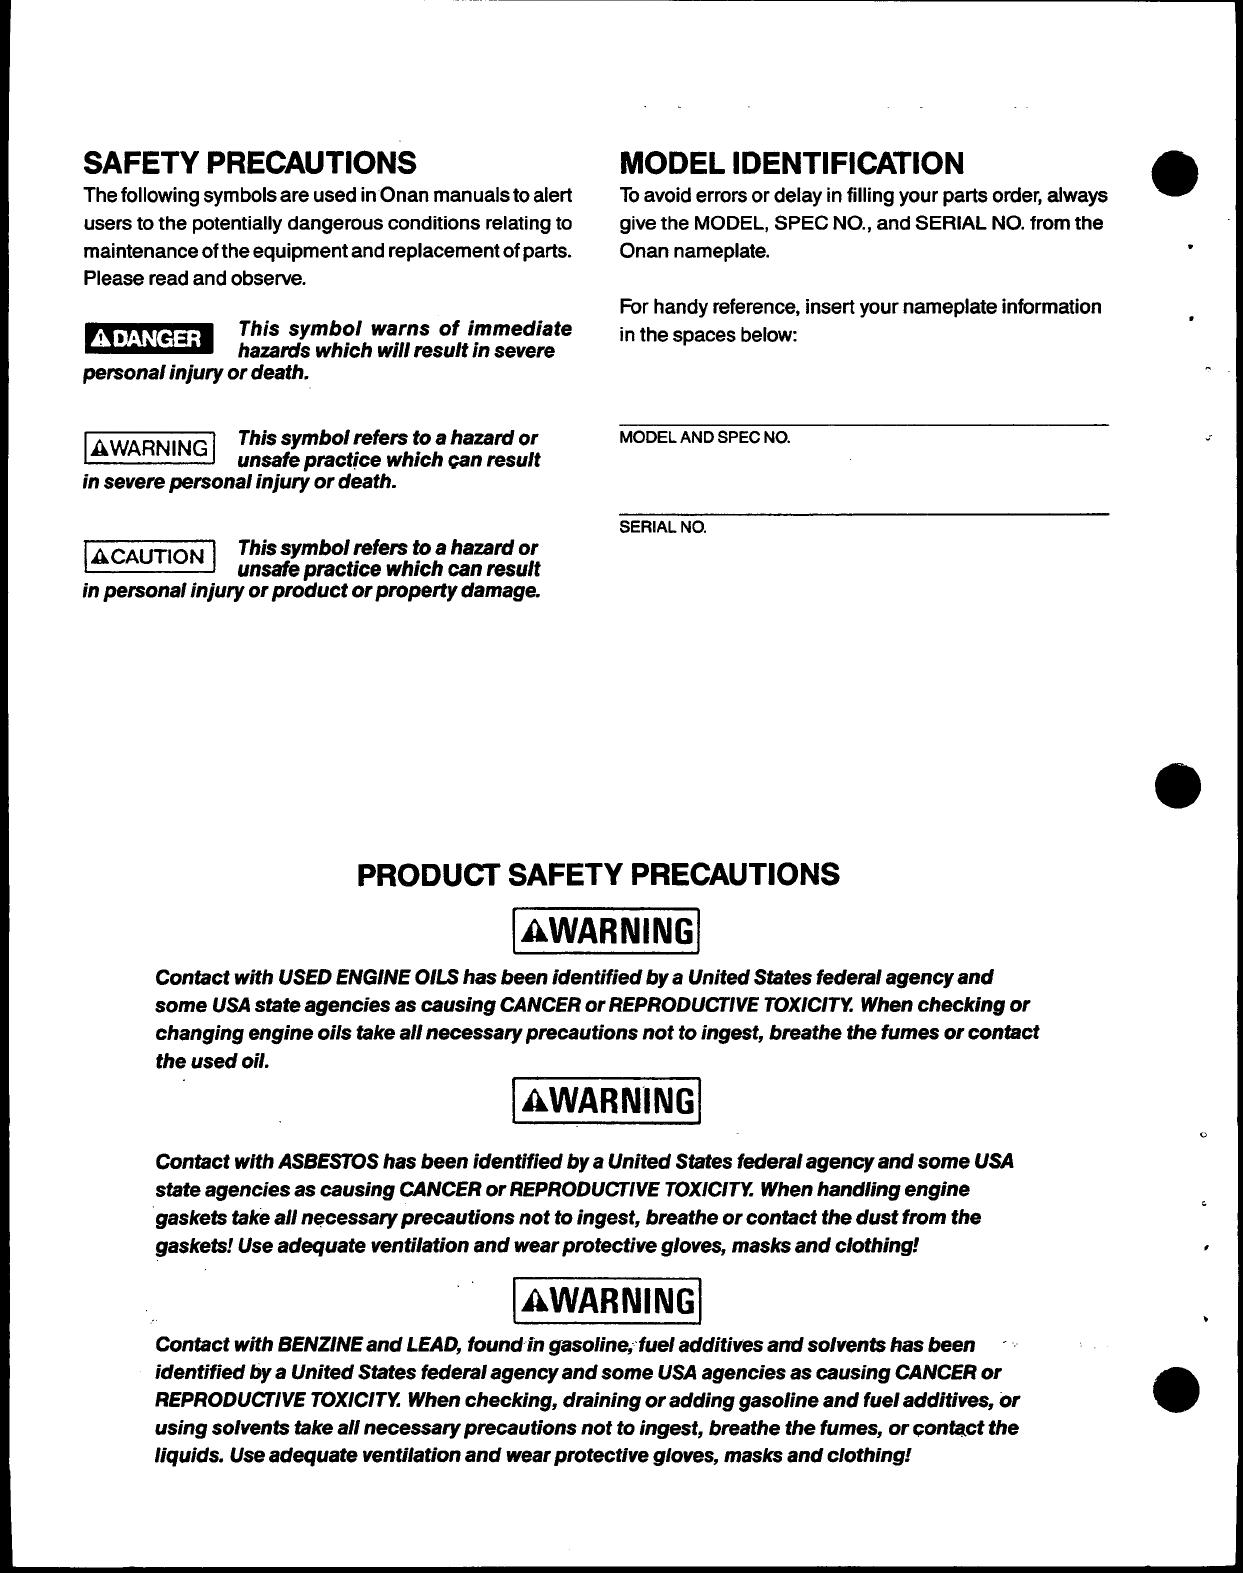 974 0220 Onan RJC (spec A AC) Genset Parts Manual (03 1990)